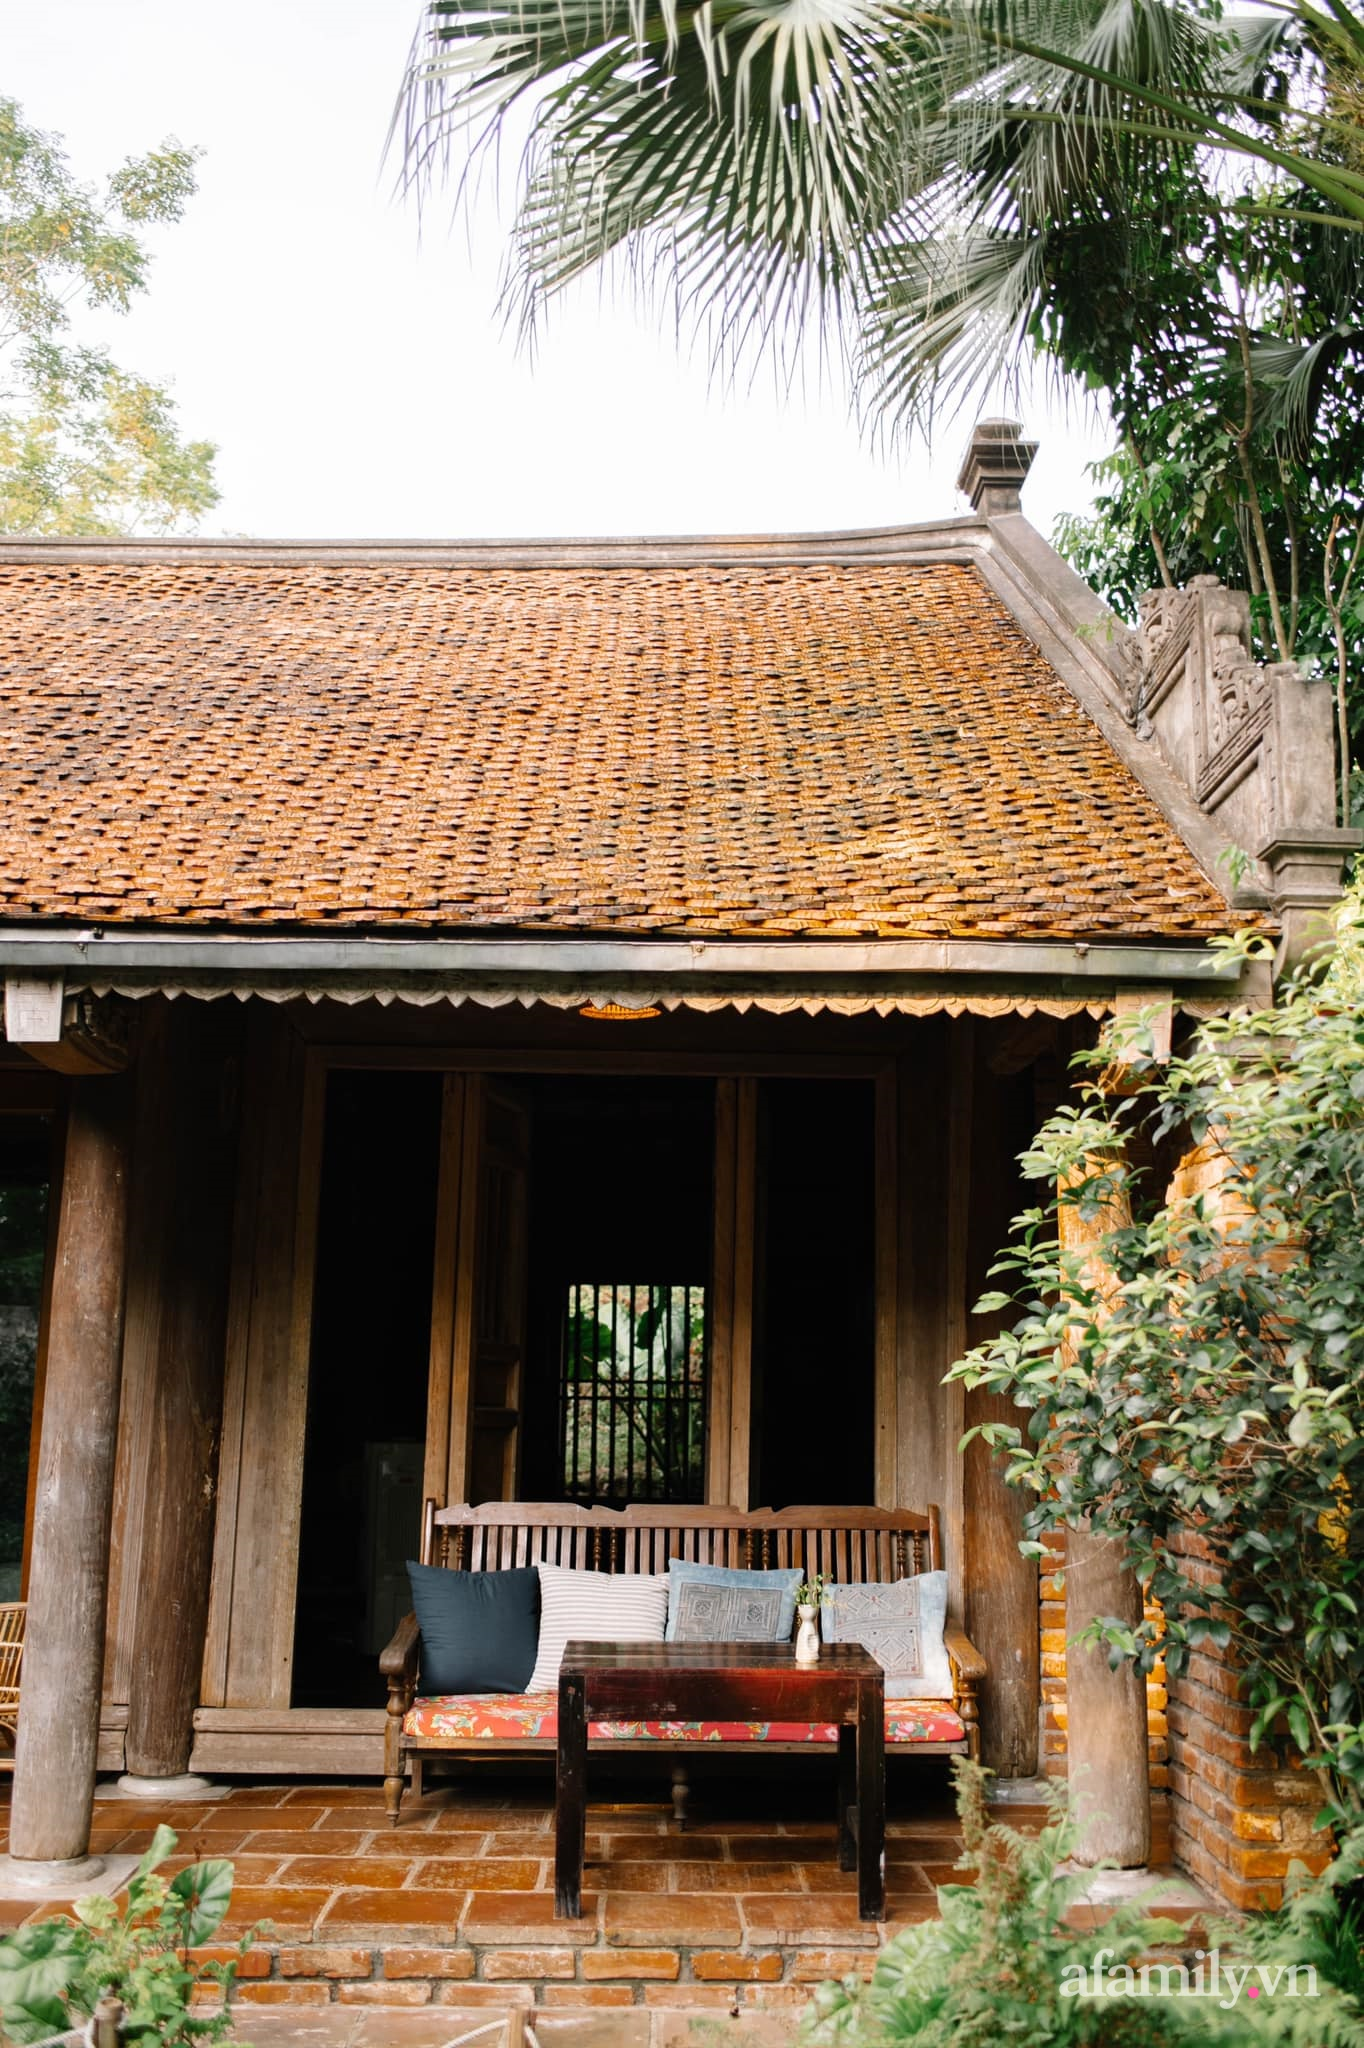 Cải tạo không gian rêu phong thành nhà vườn gói ghém những bình yên của người phụ nữ Hà Thành - Ảnh 7.